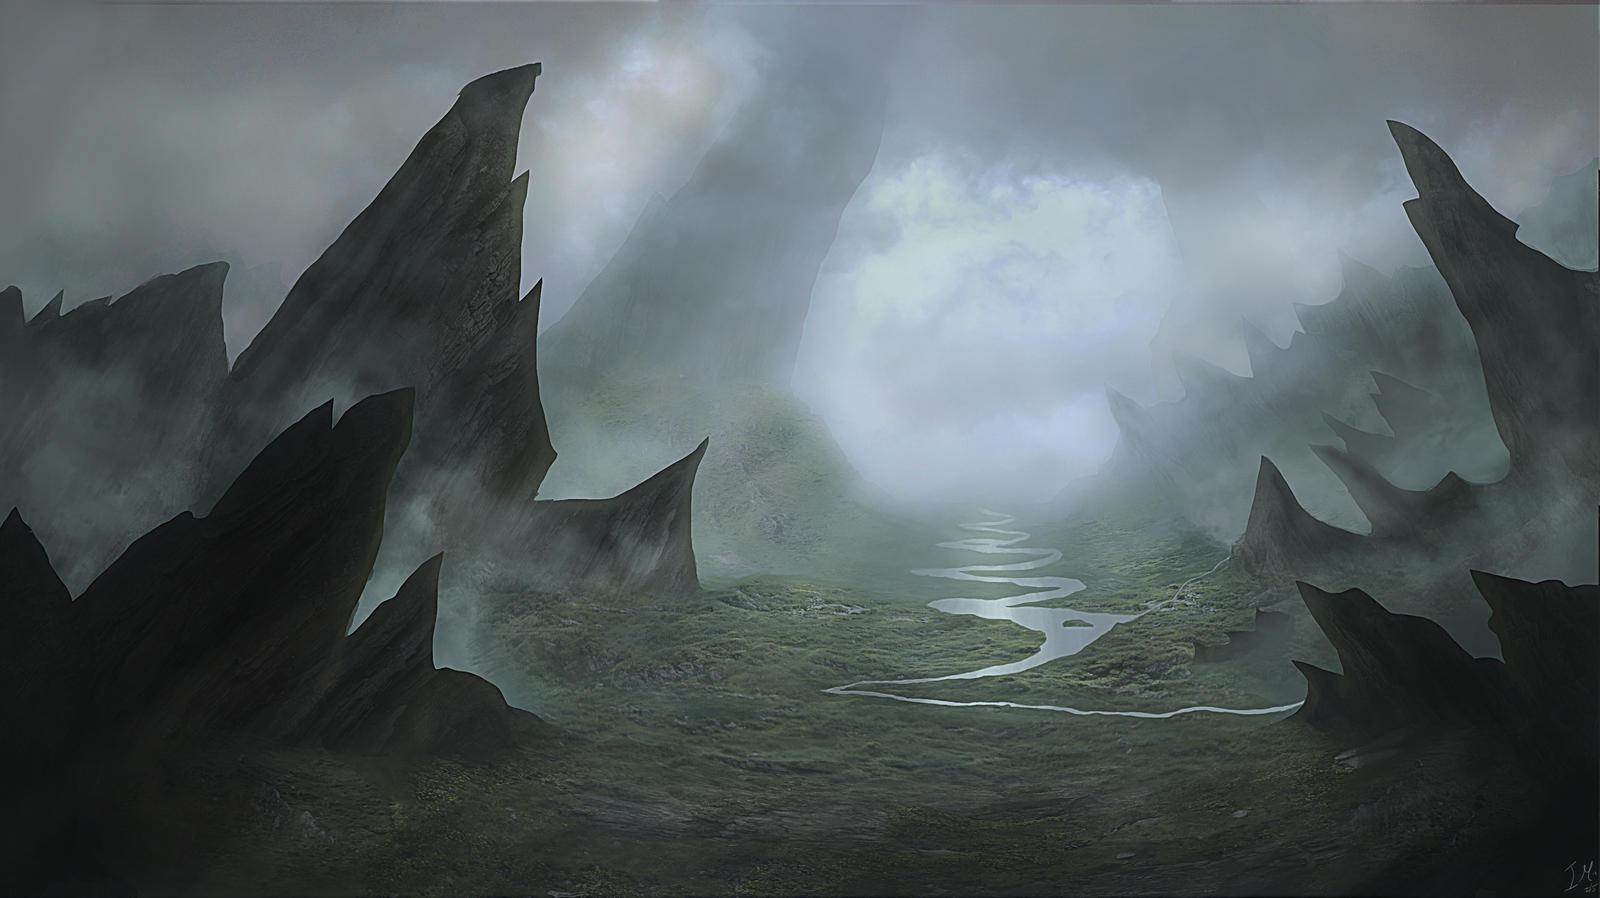 Landscape - Fantasy - Dark Valley by Sinate on DeviantArt